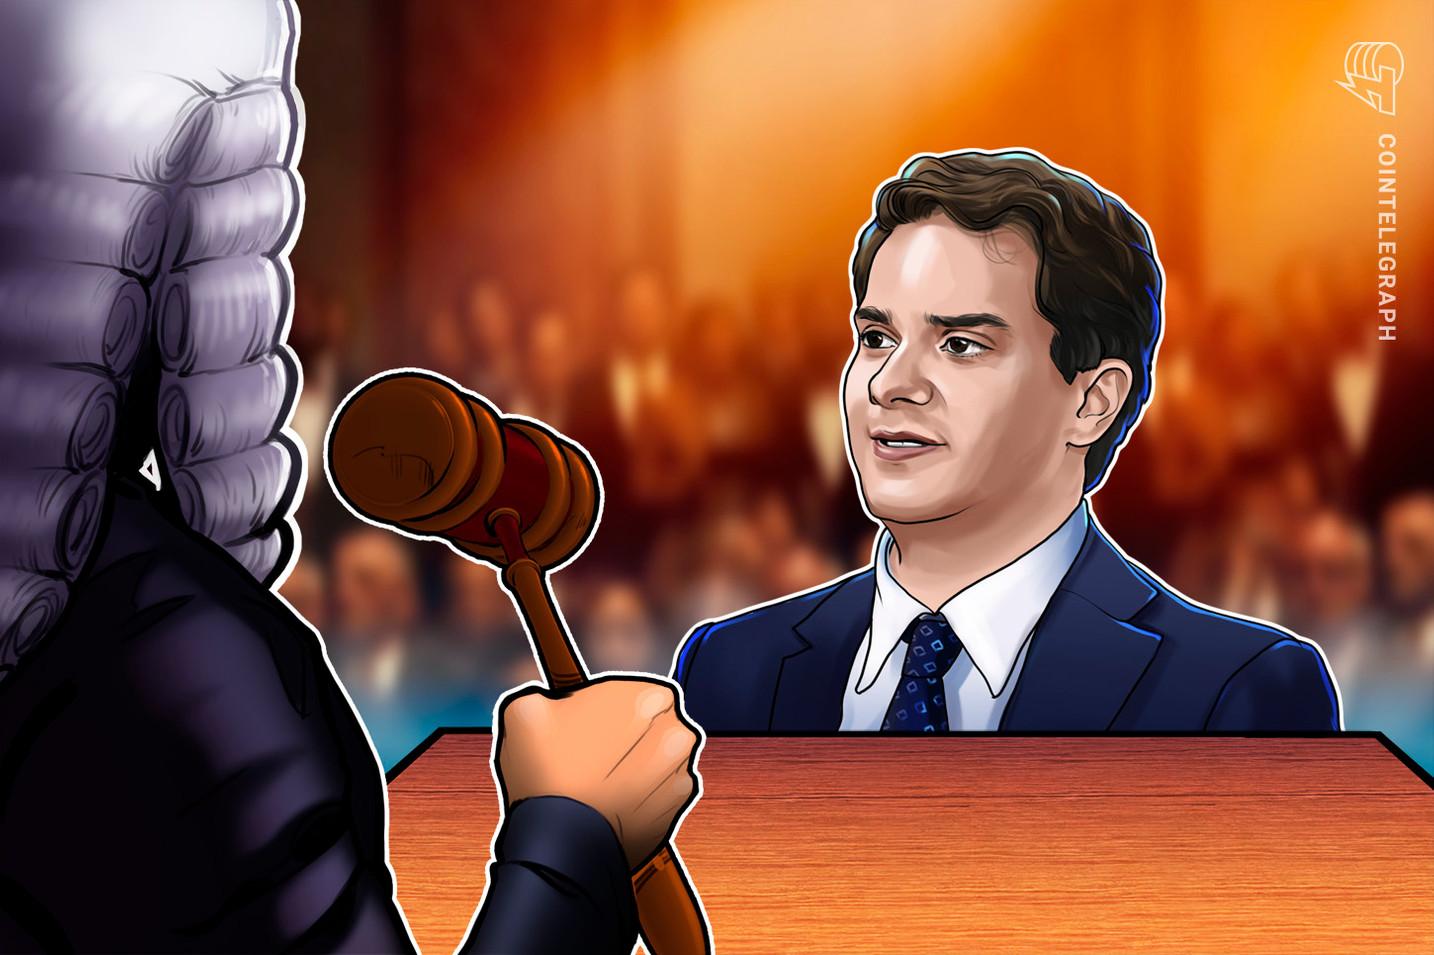 仮想通貨取引所マウントゴックスのカルプレス元CEO、米国で新たな集団訴訟に直面